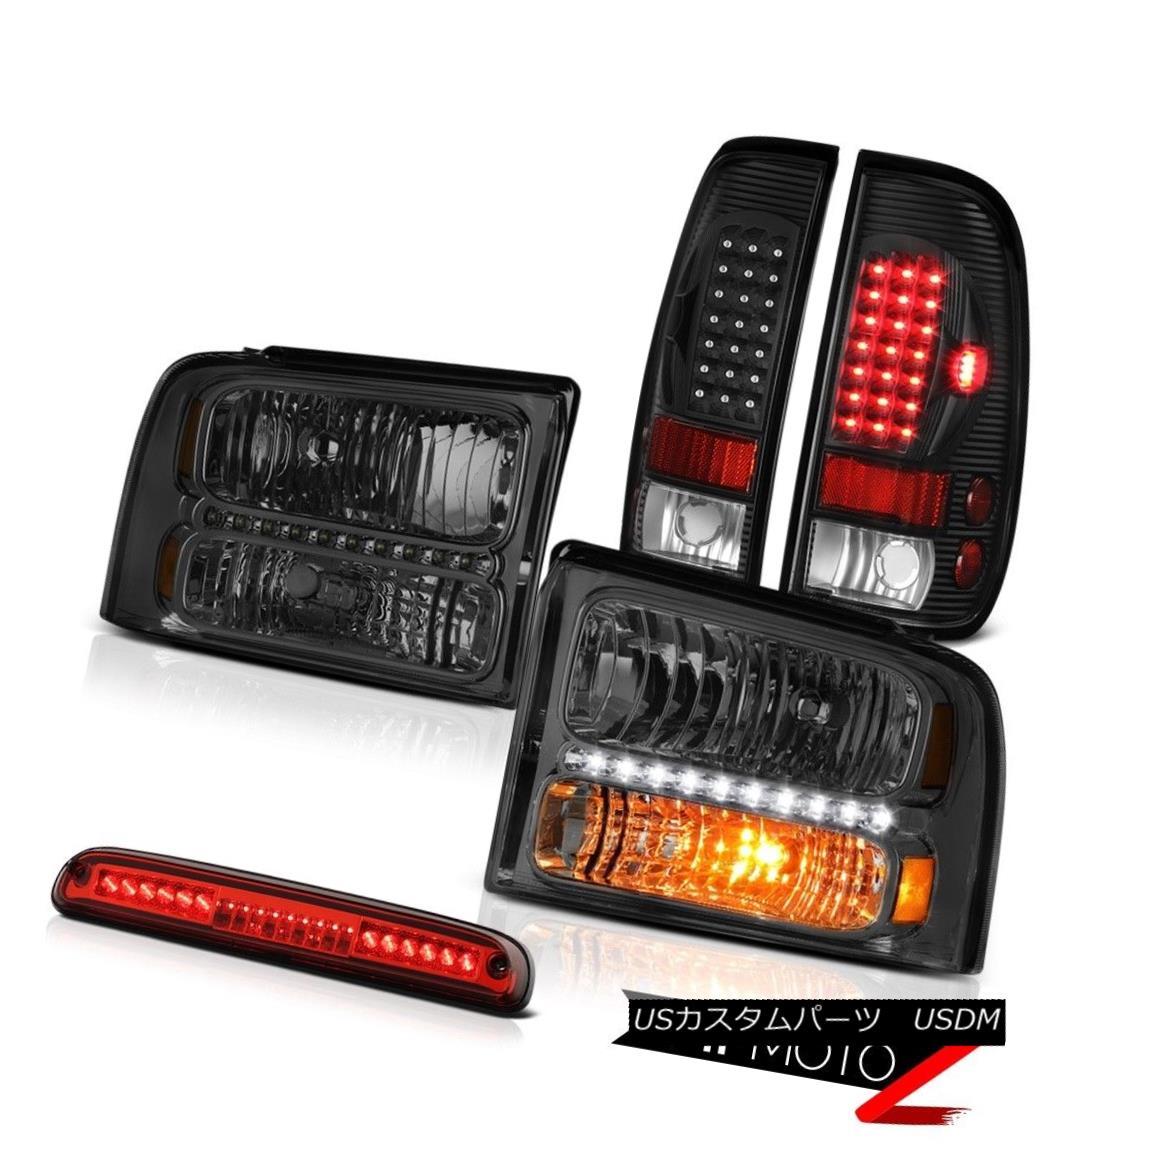 テールライト 2005-2007 Ford F250 Smoke Tinted Headlamps LED Black Taillights High Brake Cargo 2005-2007 Ford F250煙がかかったヘッドランプLEDブラック・ティアライト高ブレーキ・カーゴ